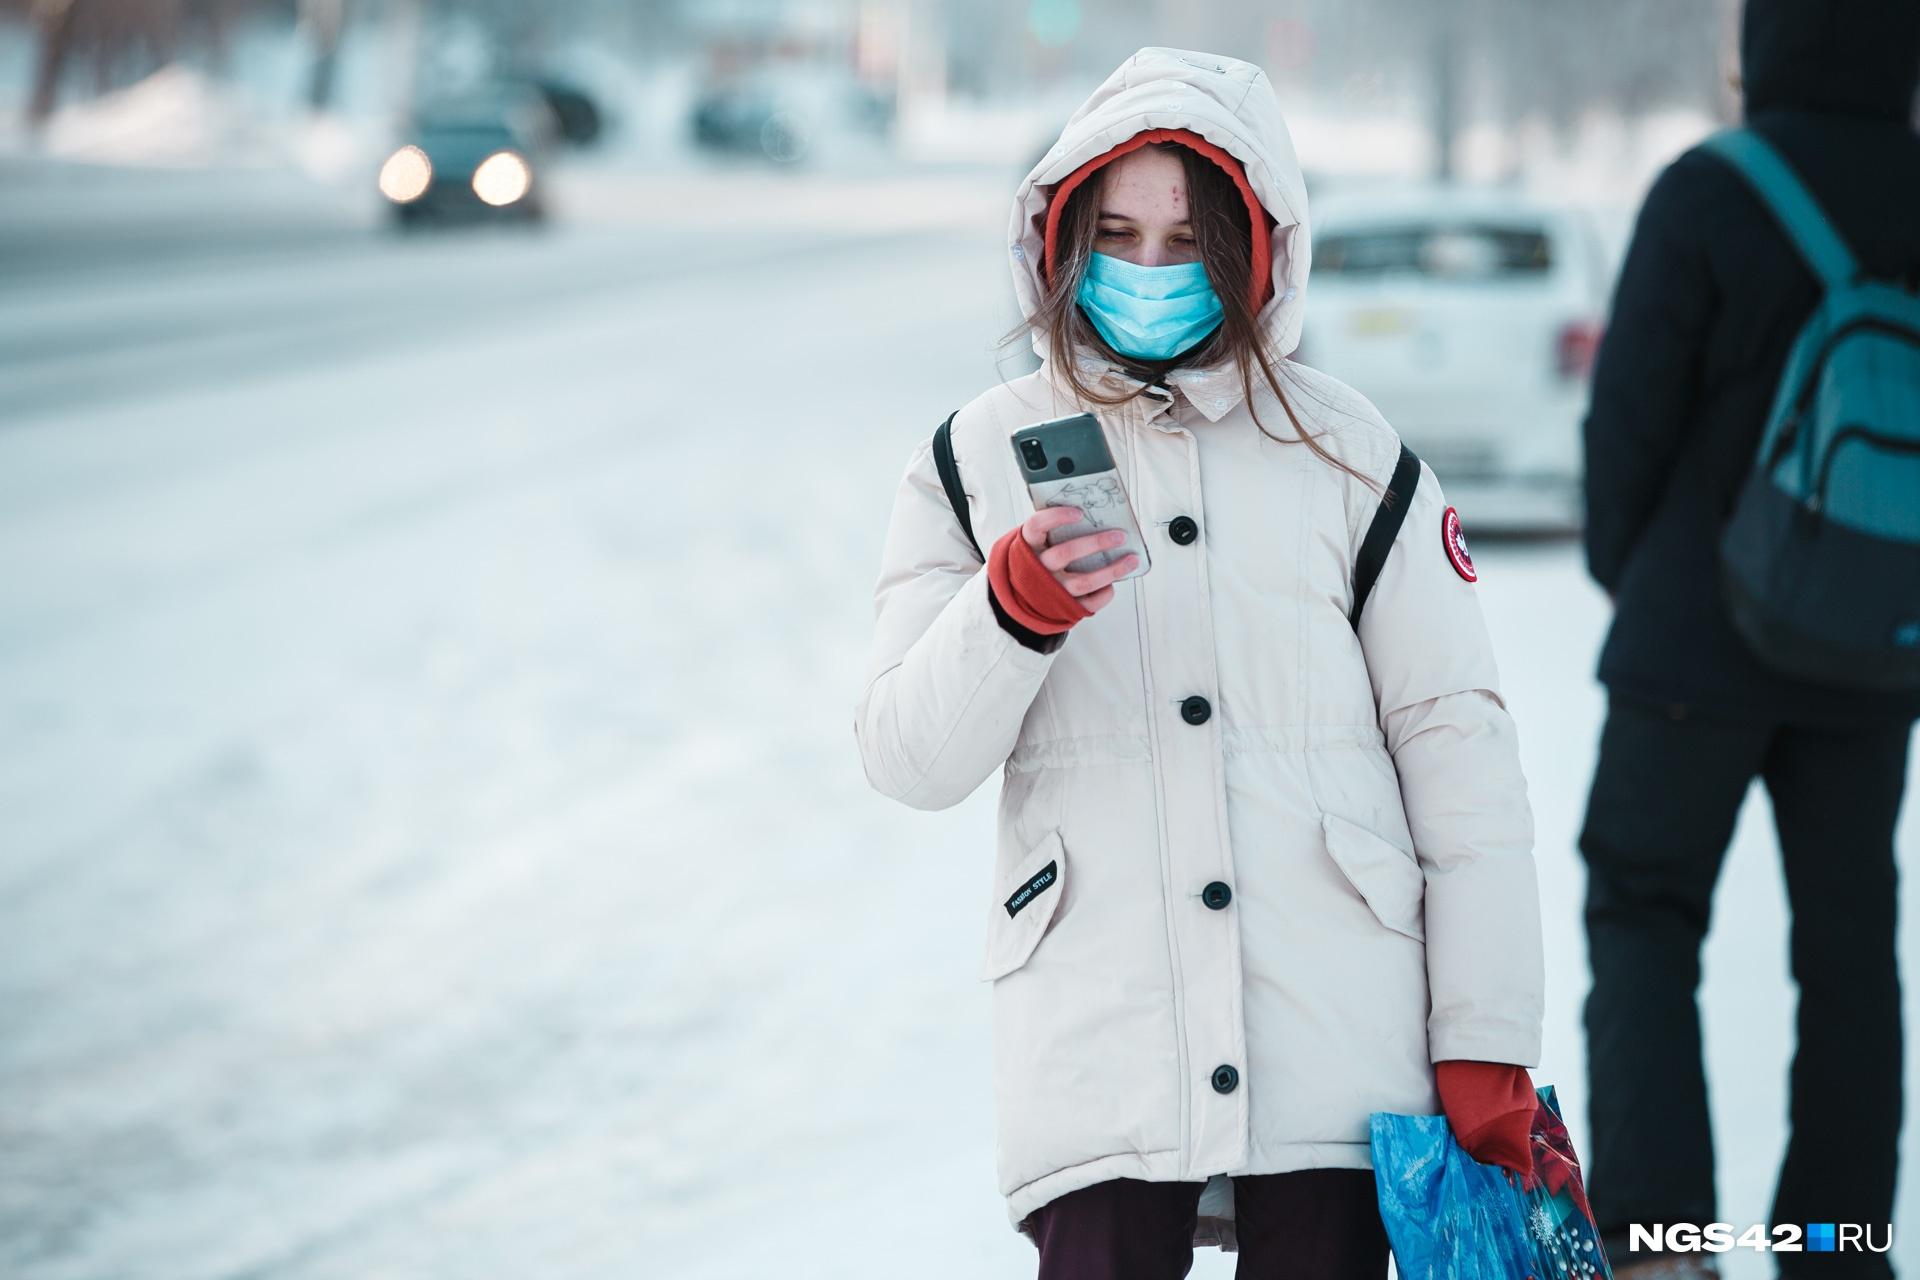 Медики советуют одеваться теплее и многослойно, чтобы не получить обморожение